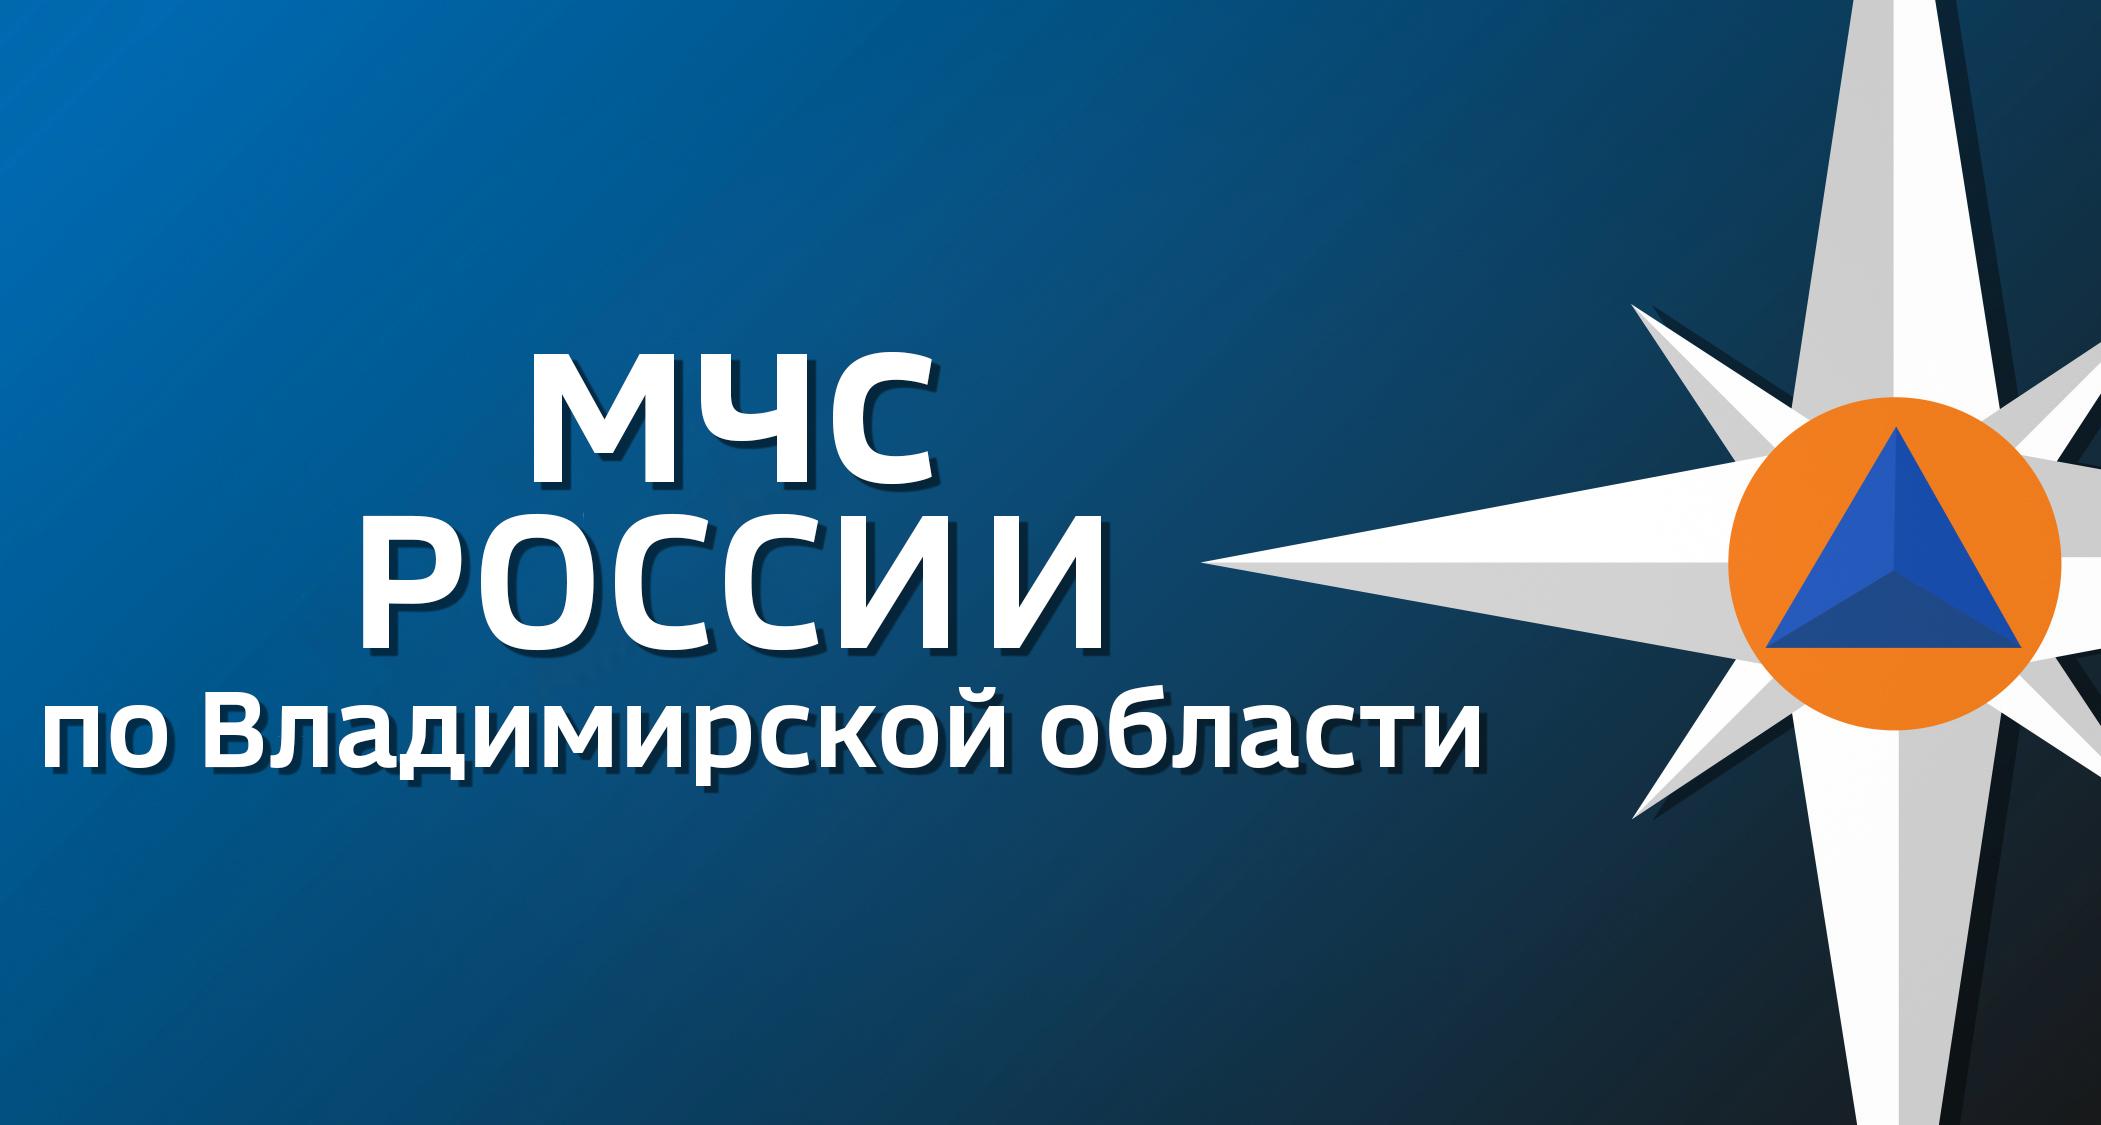 Пожар Суздальский район, с. Гнездилово, ул. Центральная, д 60